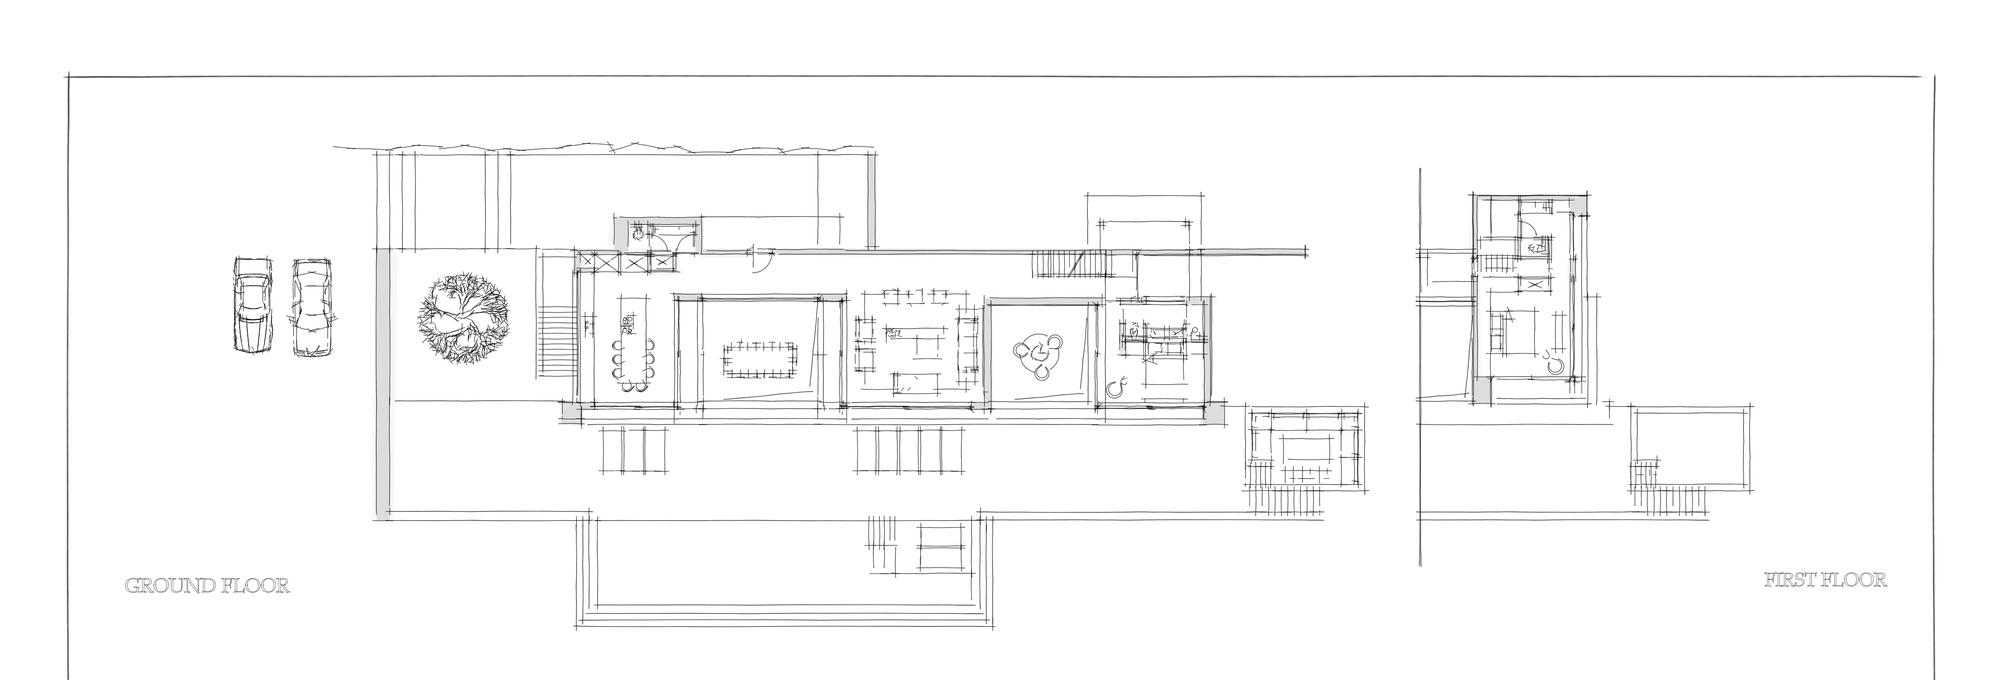 Galer a de la casa de plata dwek architectes 23 for Casa de cocina la plata